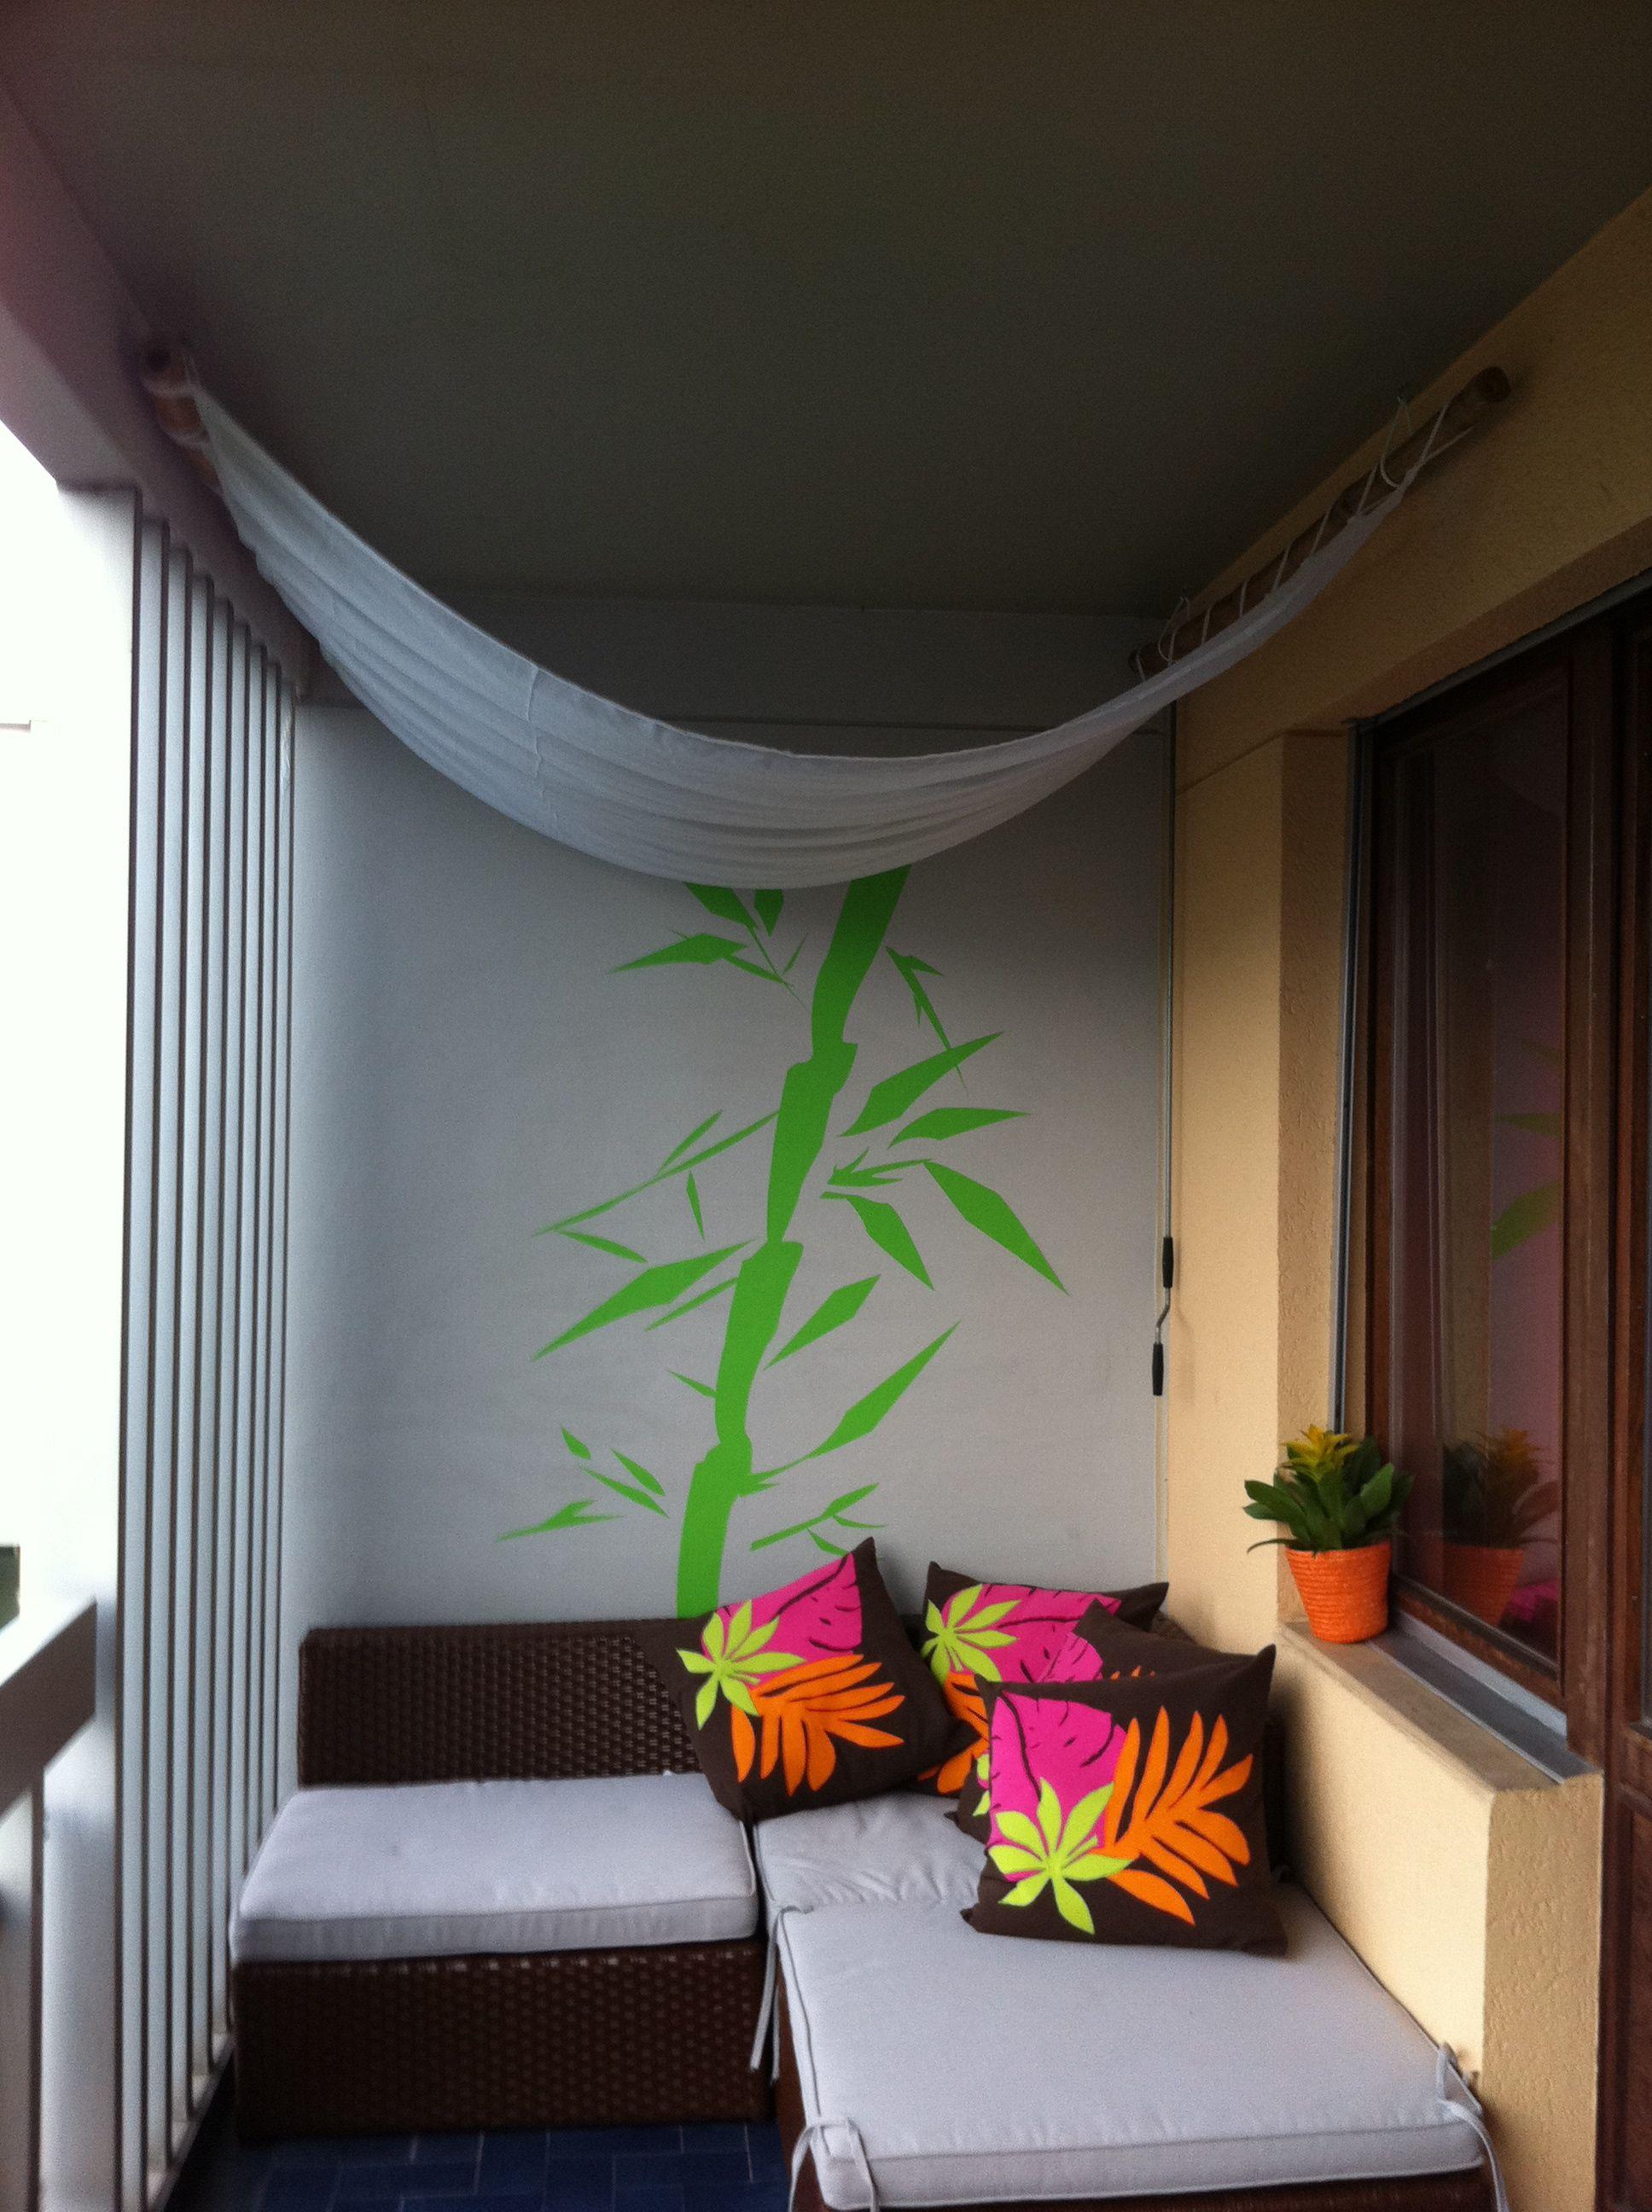 paysage balcony ile ilgili görsel sonucu